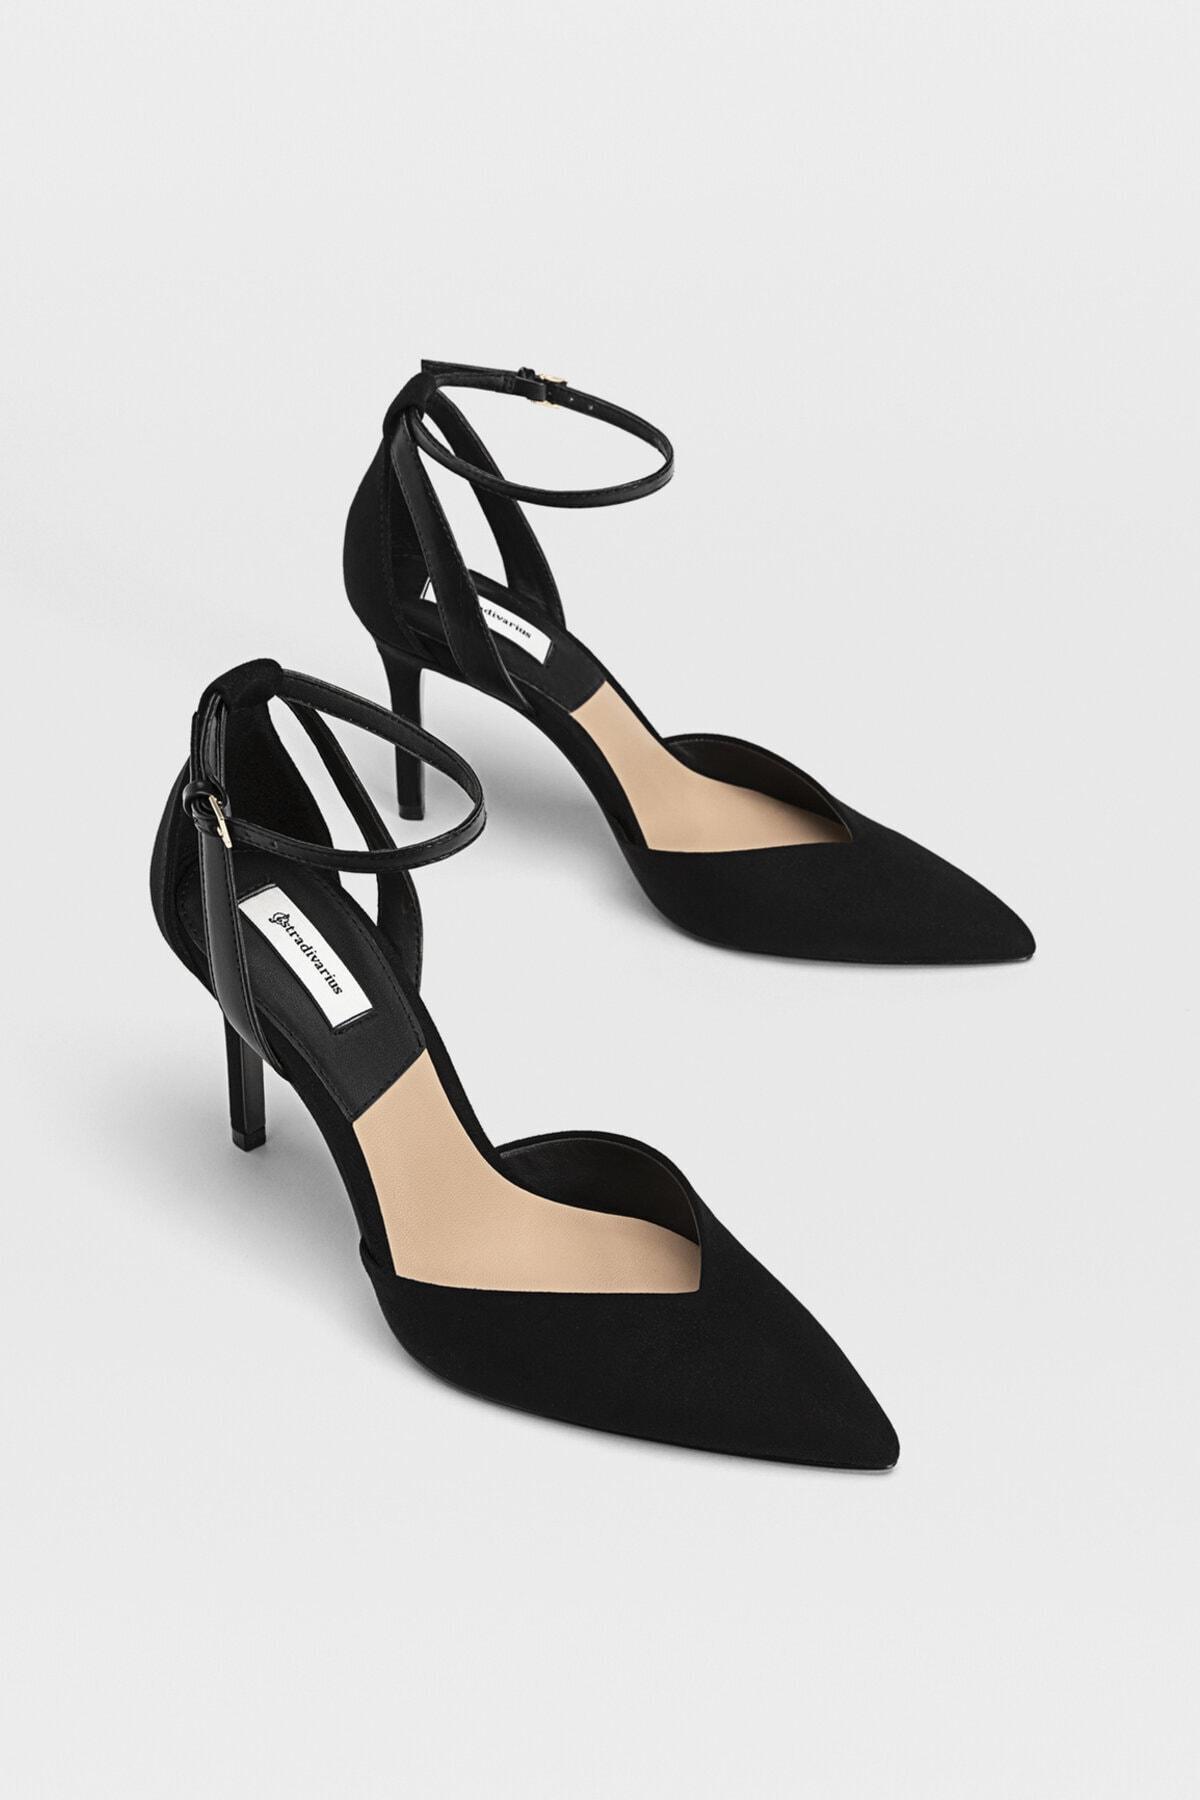 Stradivarius Kadın Siyah Bilekten Bantlı Yüksek Topuklu Ayakkabı 19153770 1